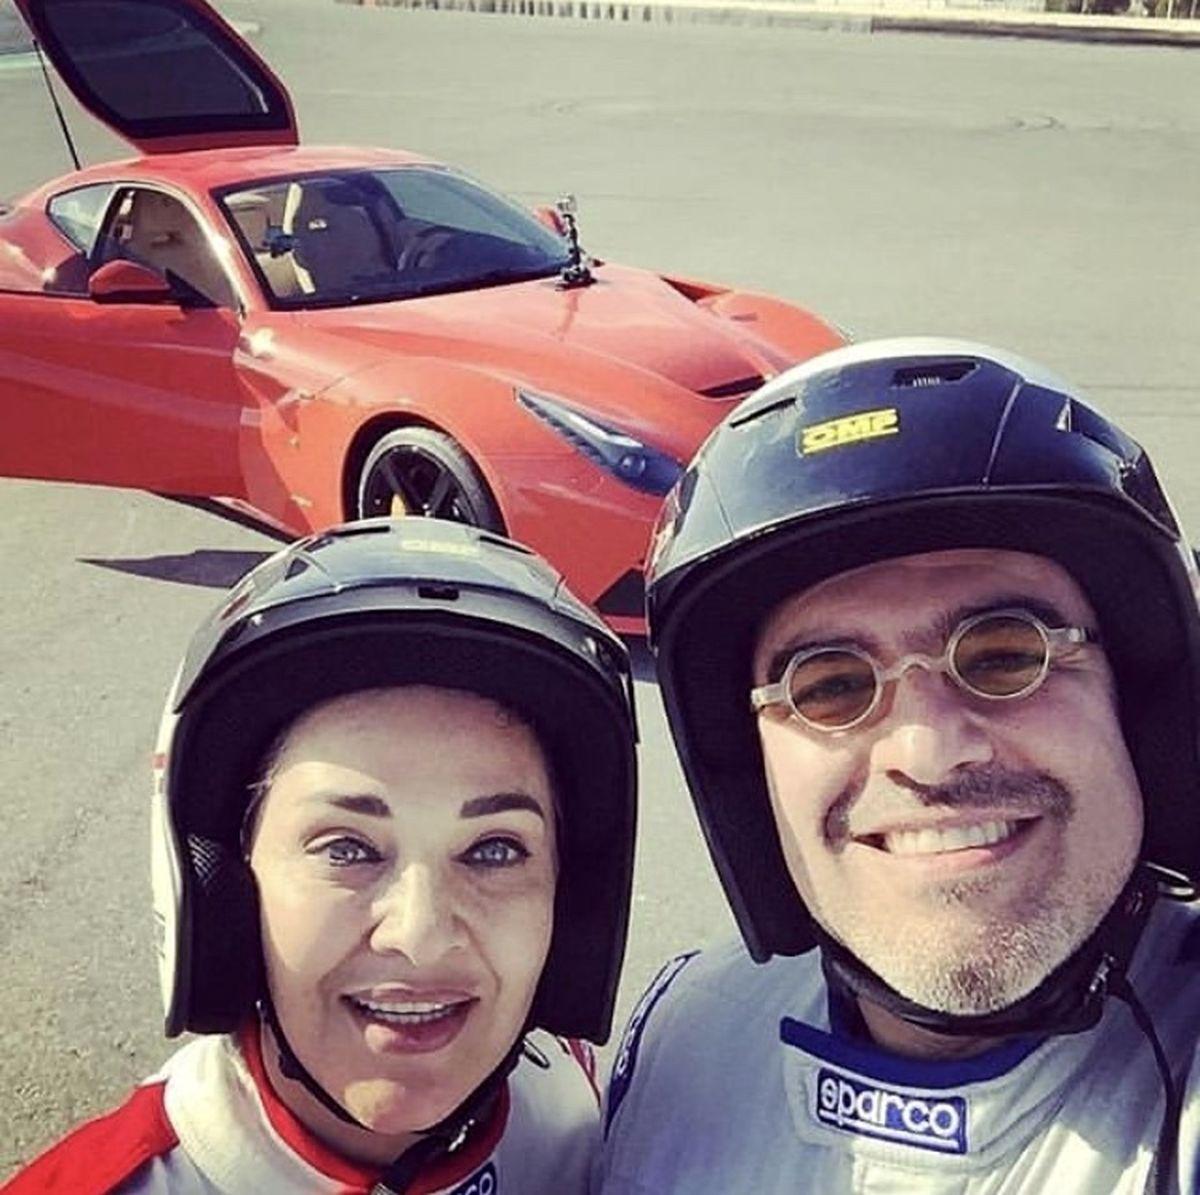 رویا نونهالی و همسرش با لباسی متفاوت + عکس